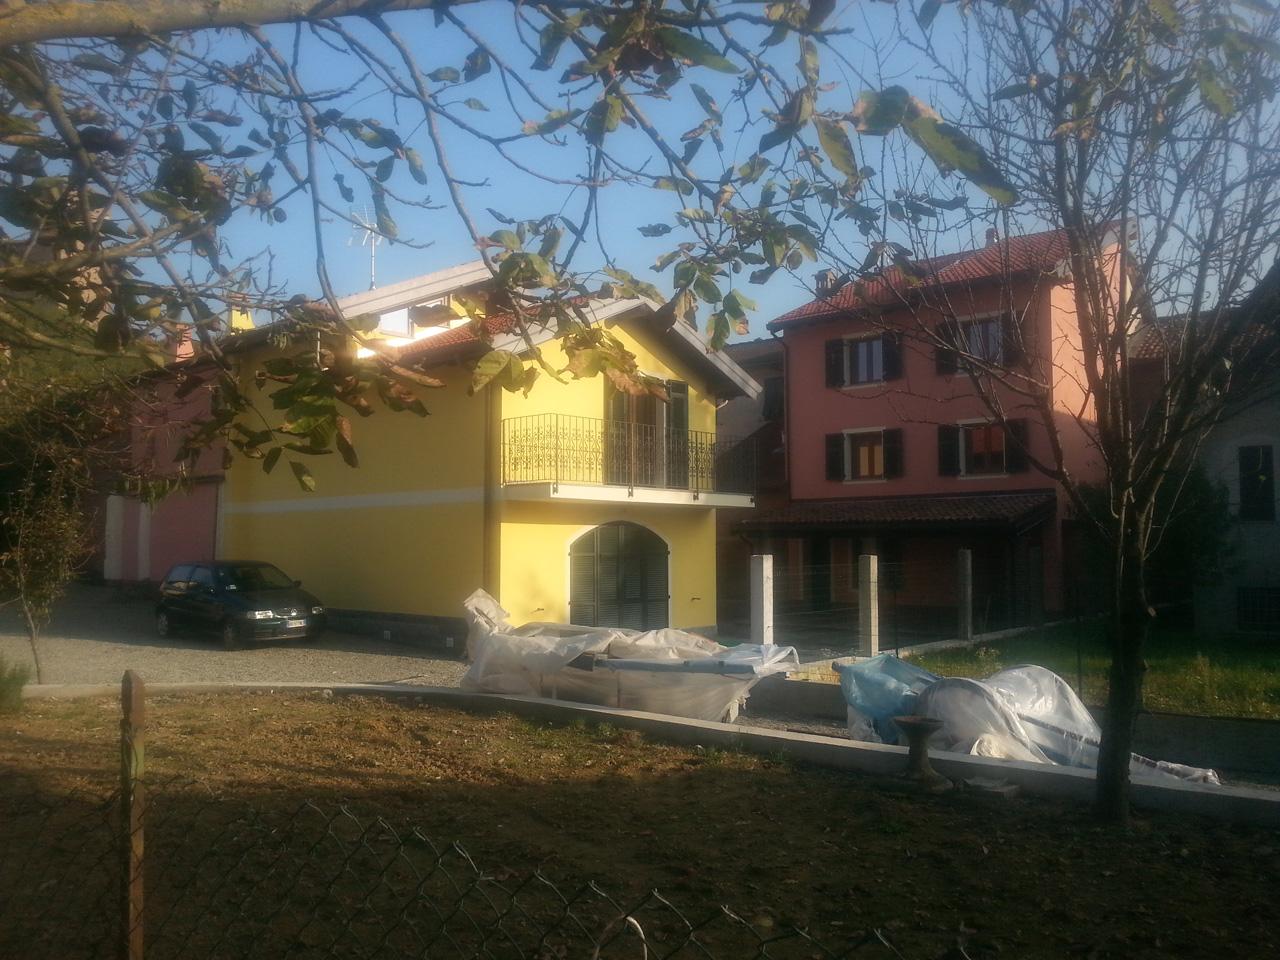 Villa in vendita a Francavilla Bisio, 5 locali, zona Zona: Bisio, prezzo € 280.000 | Cambio Casa.it